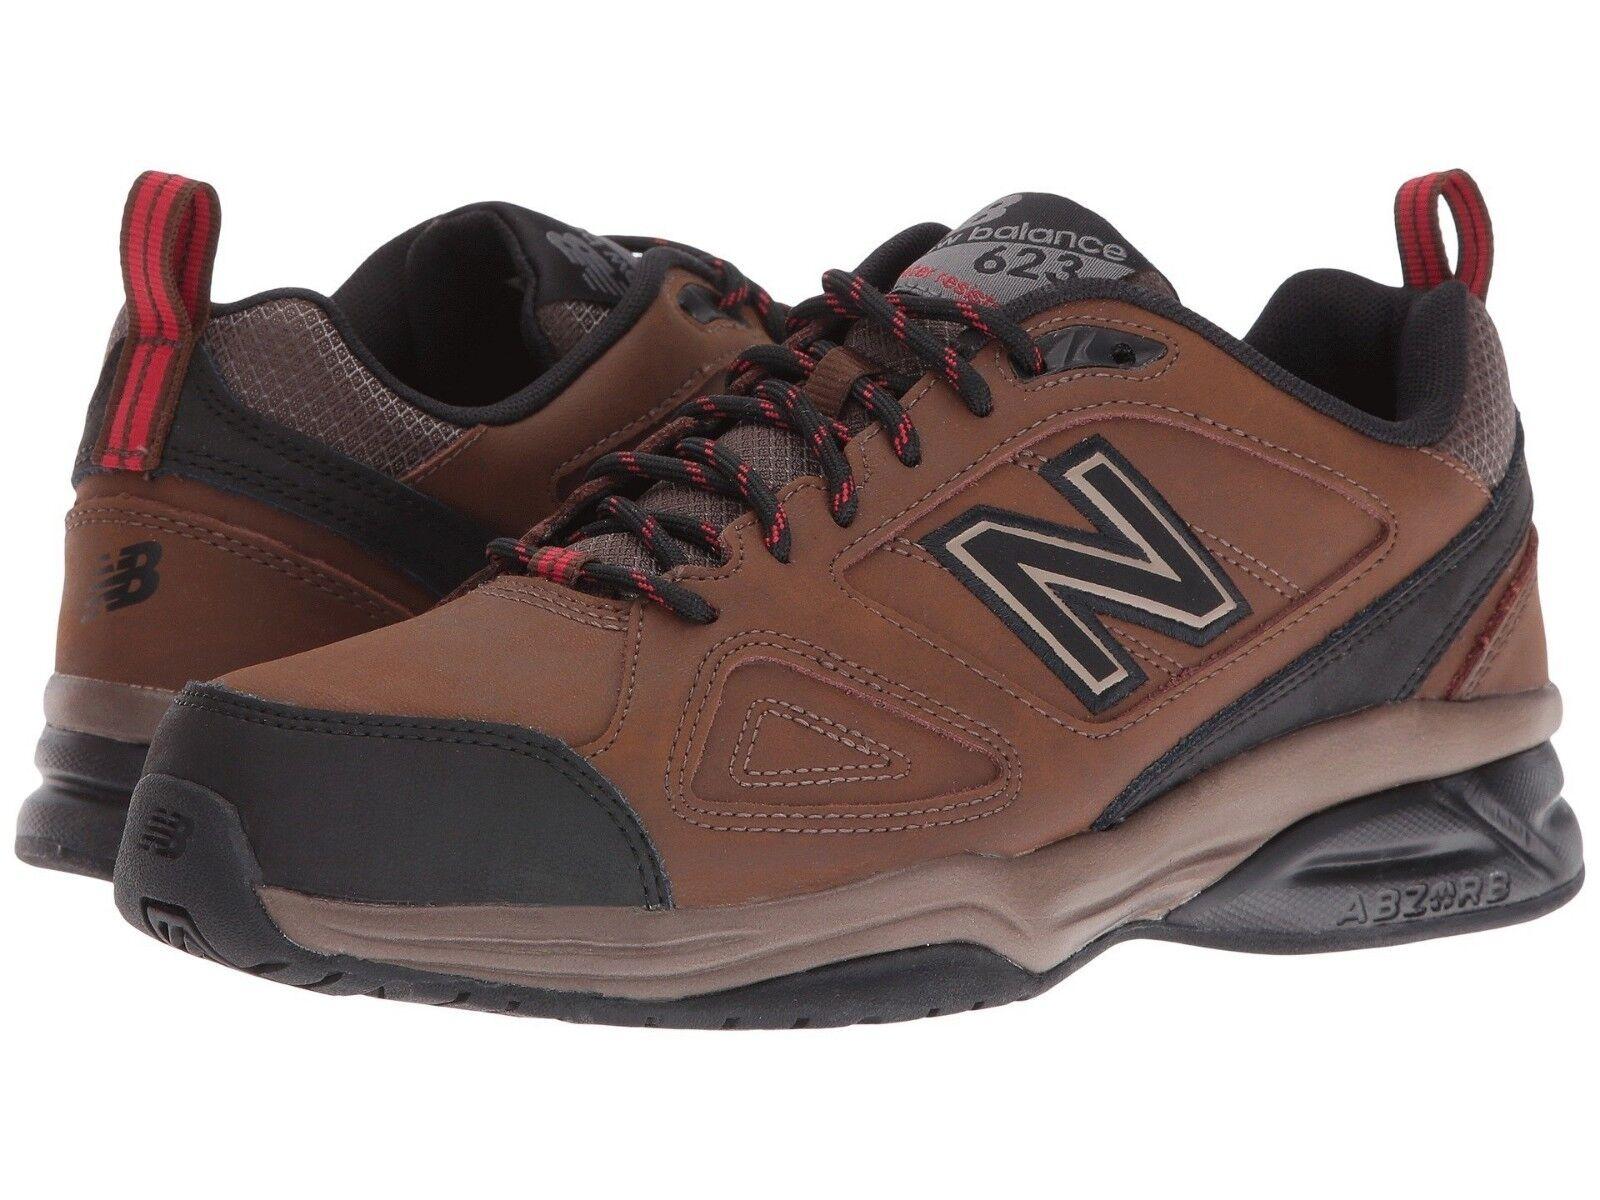 New Balance 623v3 Training Leather Size 12 Style MX623LT3